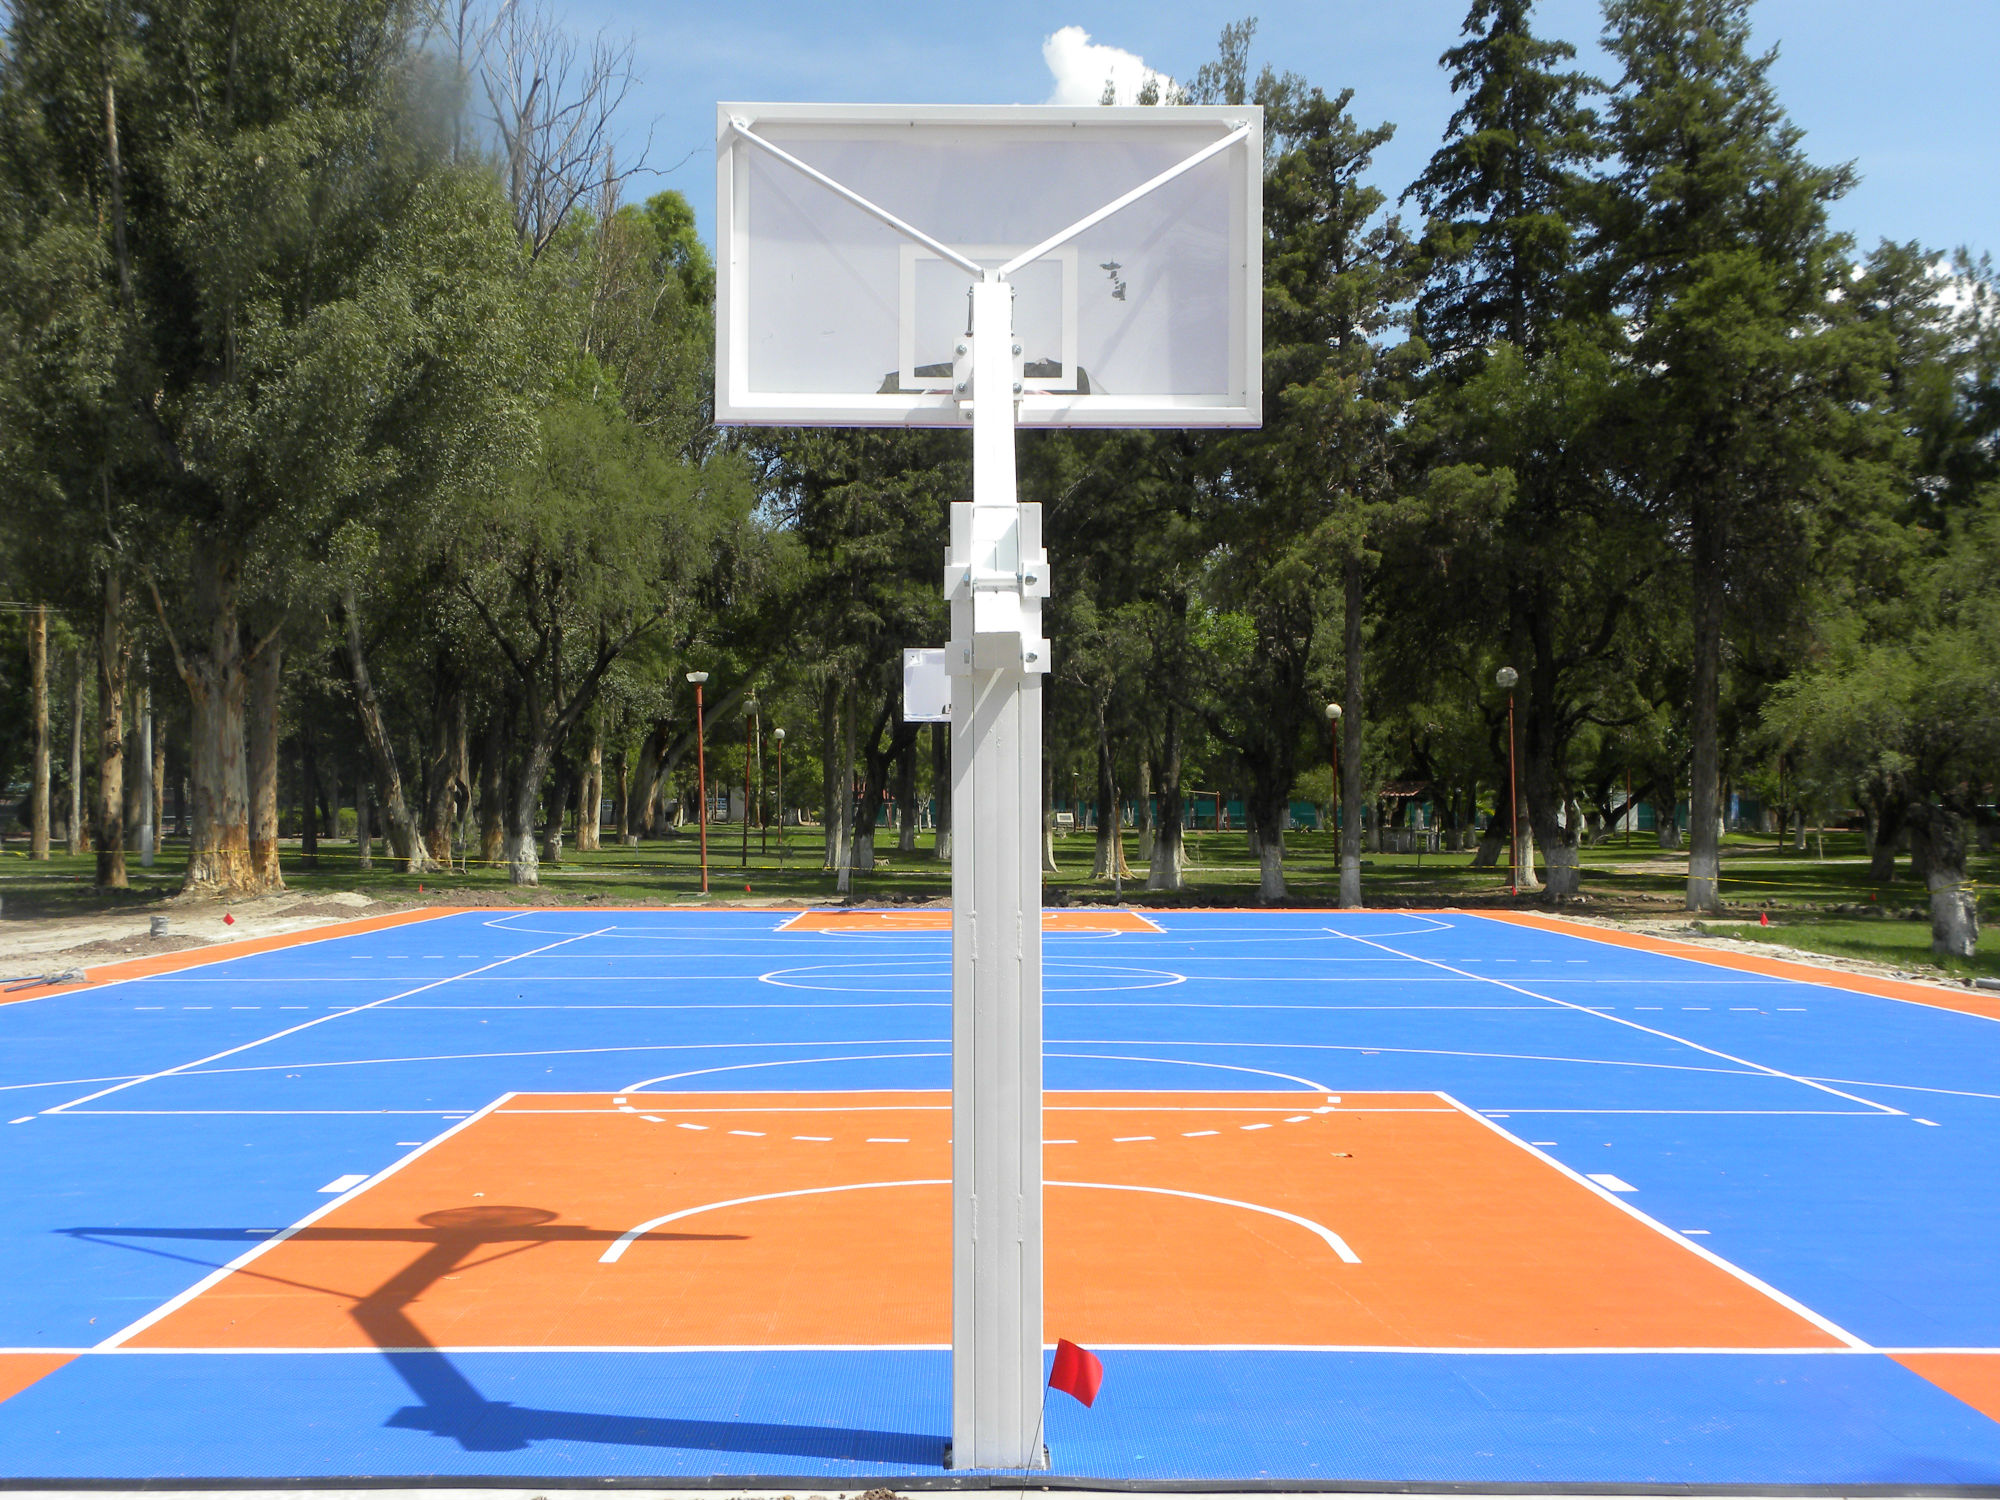 Instalación de piso sintético para áreas deportivas